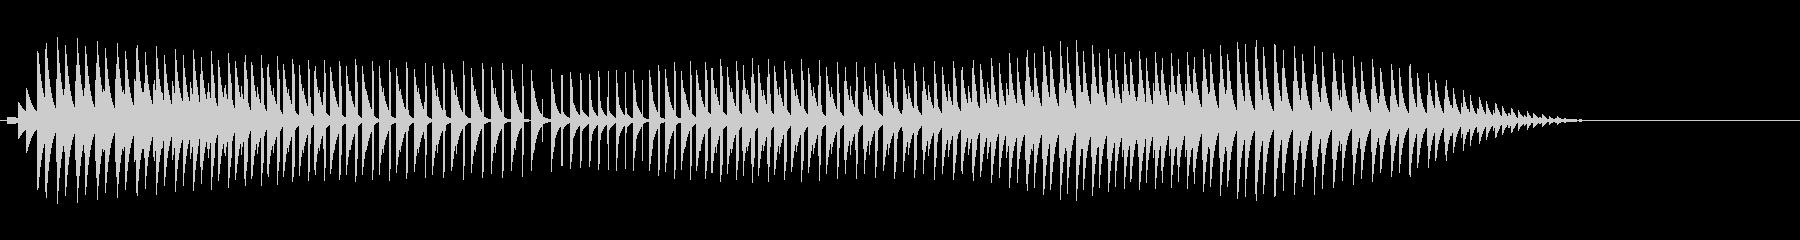 バババ(レーザー光線/SF/SNESの未再生の波形